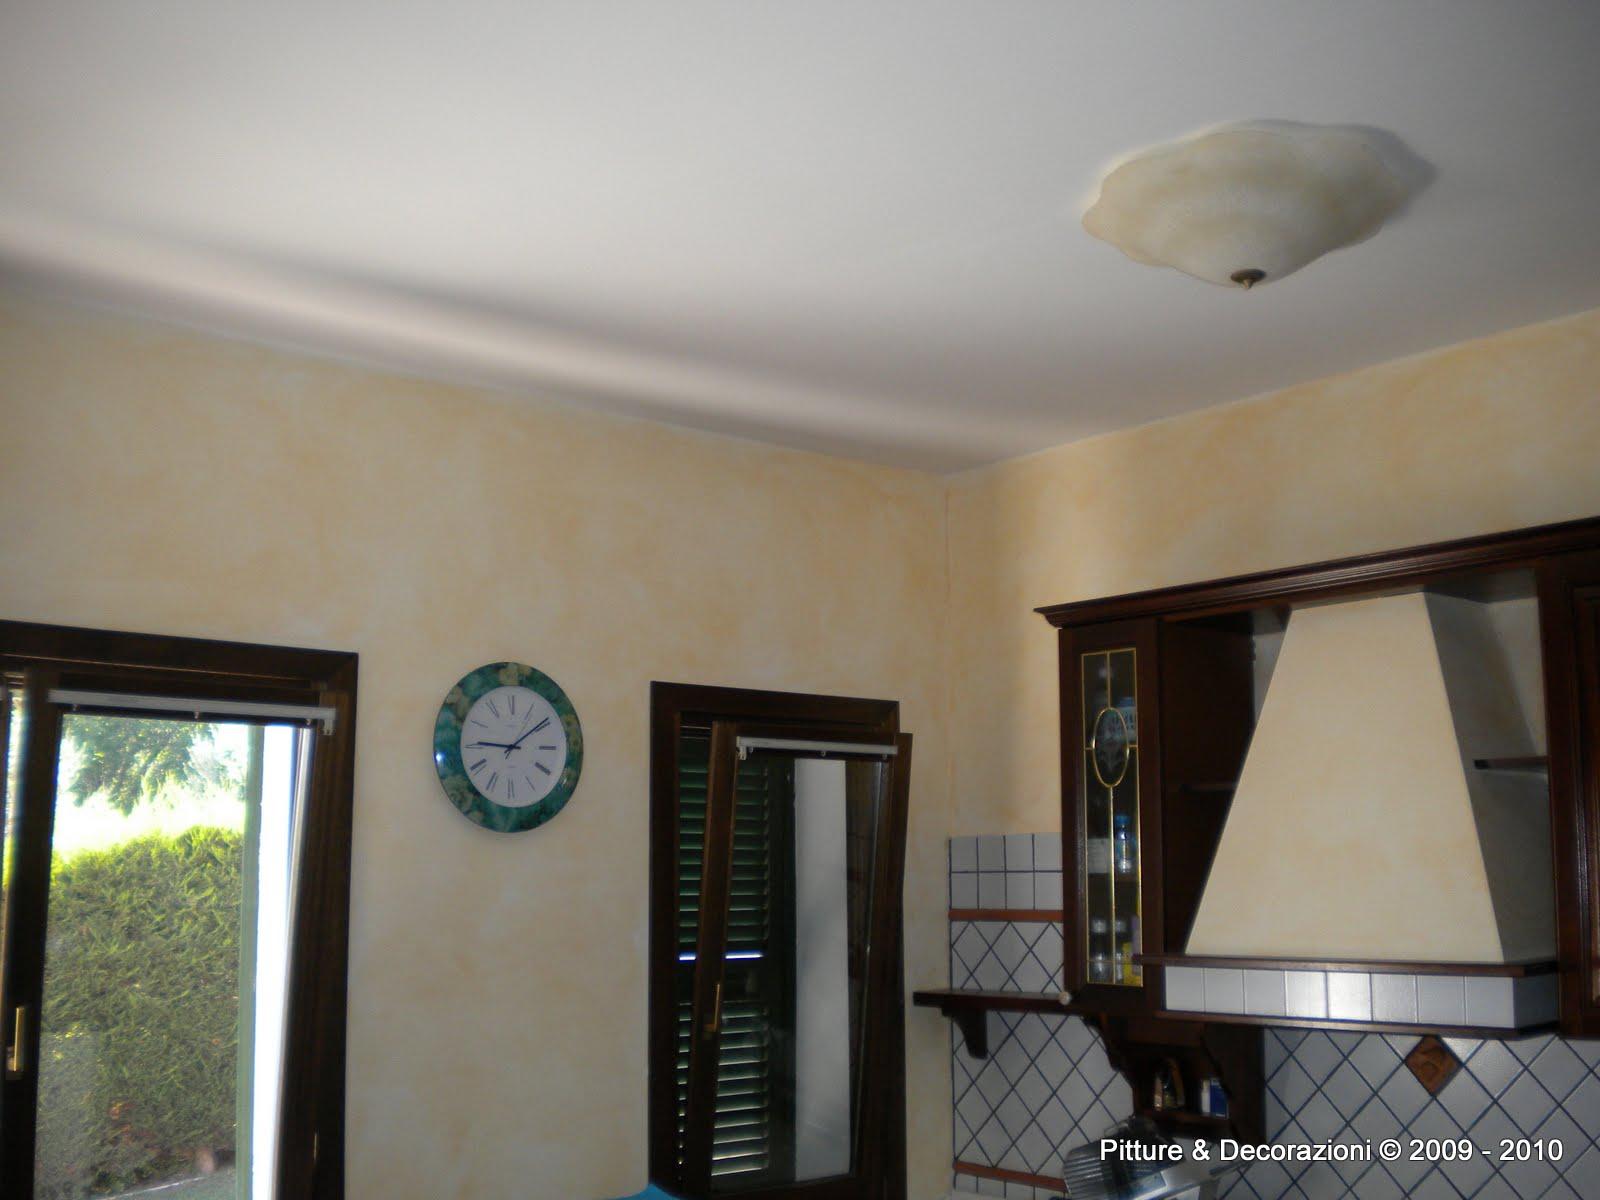 Pitture decorazioni la casa dei sogni giorgio graesan for Casa dei sogni personalizzata